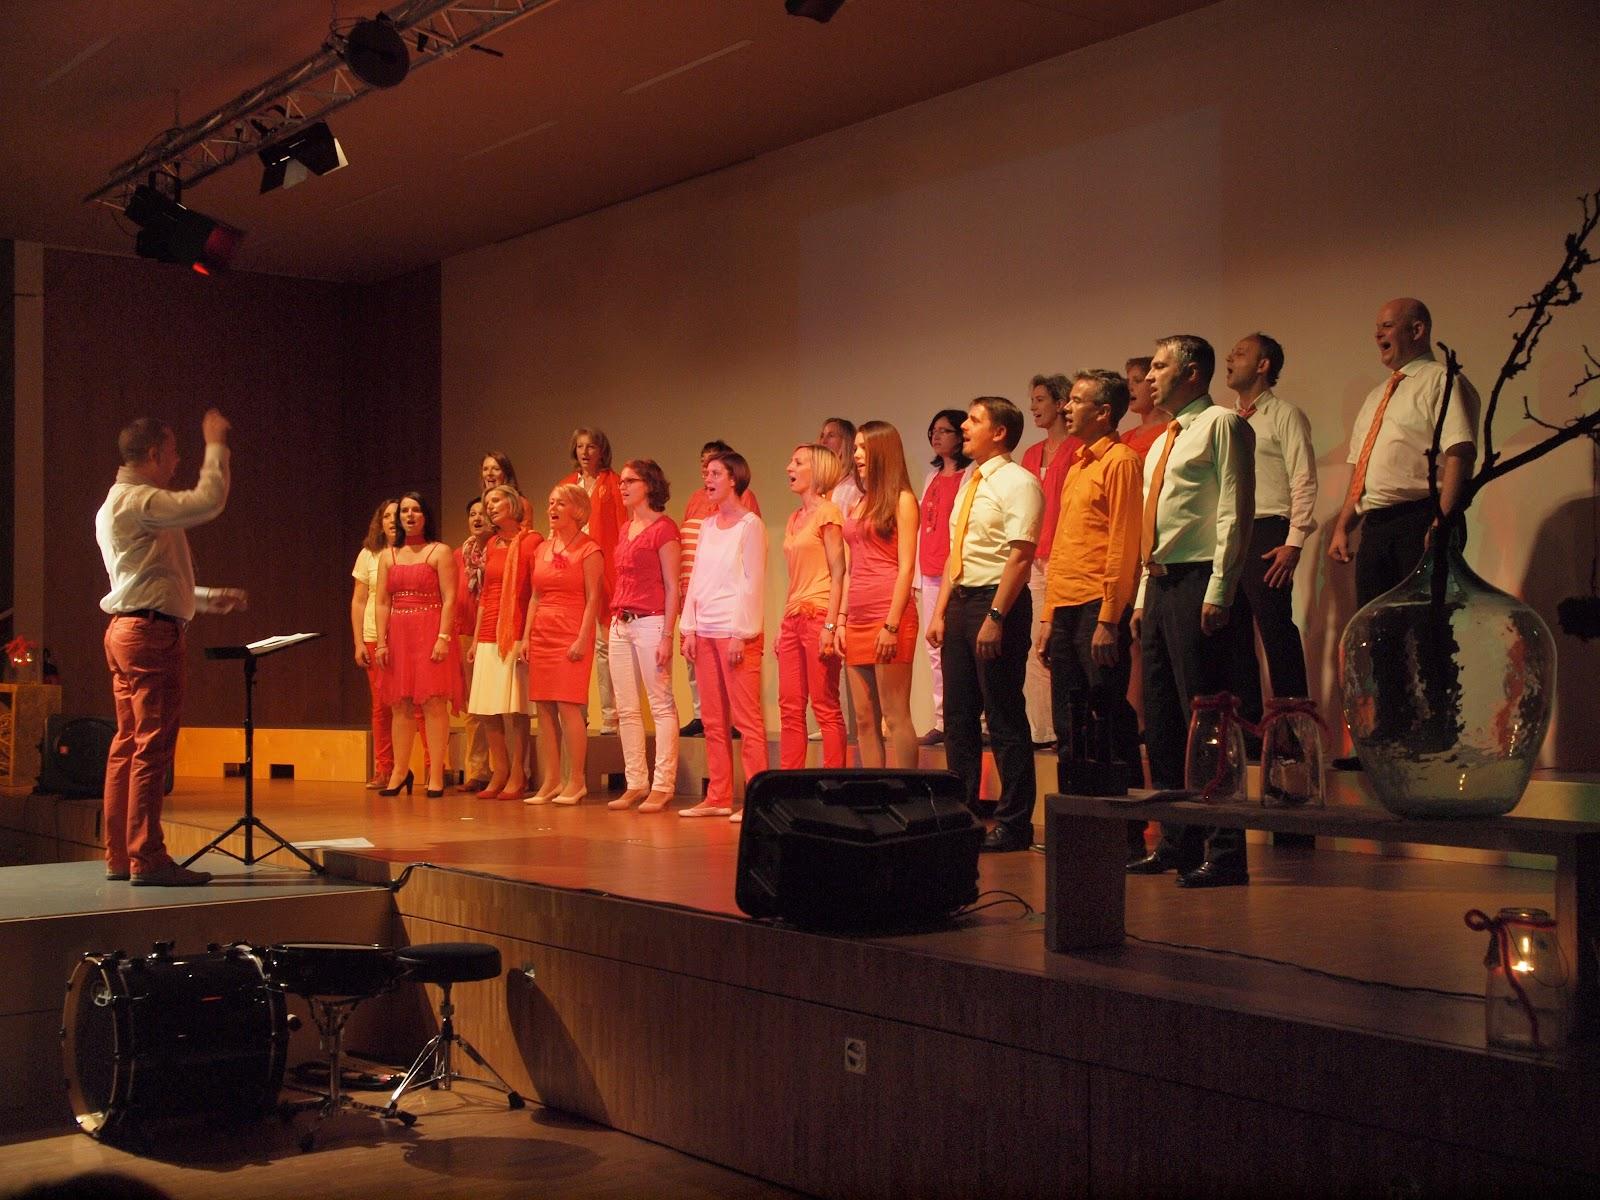 Konzert mit Singing friends